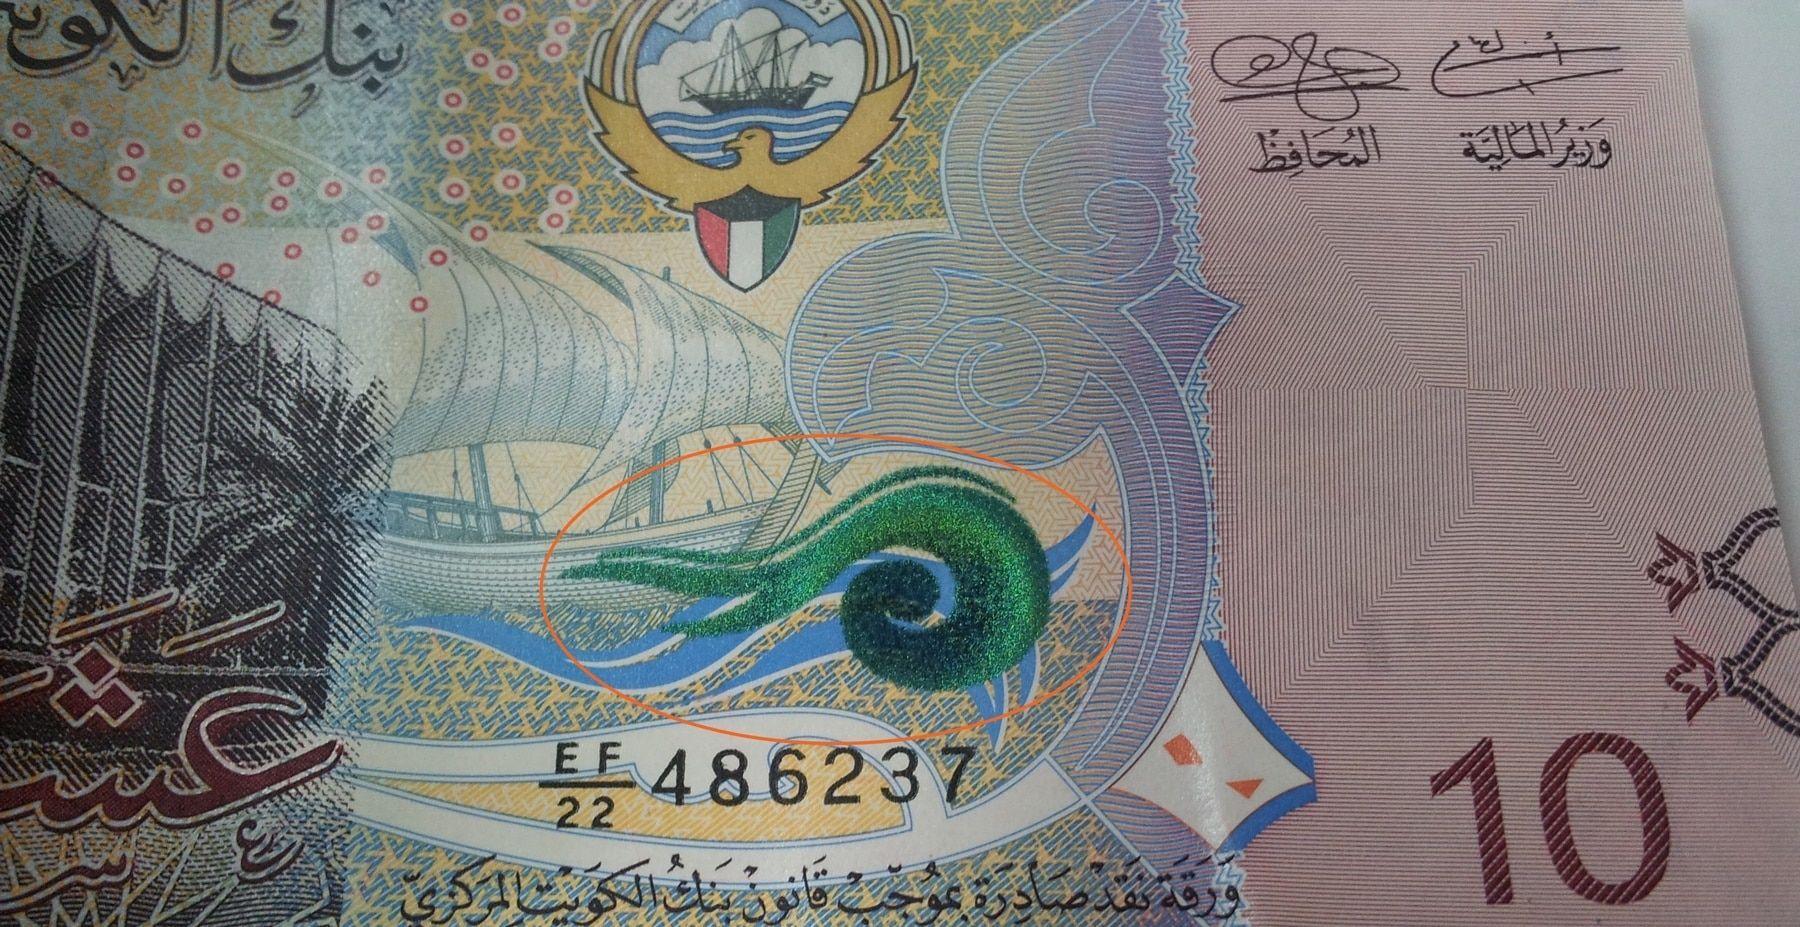 سعر الدينار الكويتي اليوم جميع البنوك والسوق السوداء مقابل الجنيه لحظة بلحظة Egypt Dollar Kuwaiti